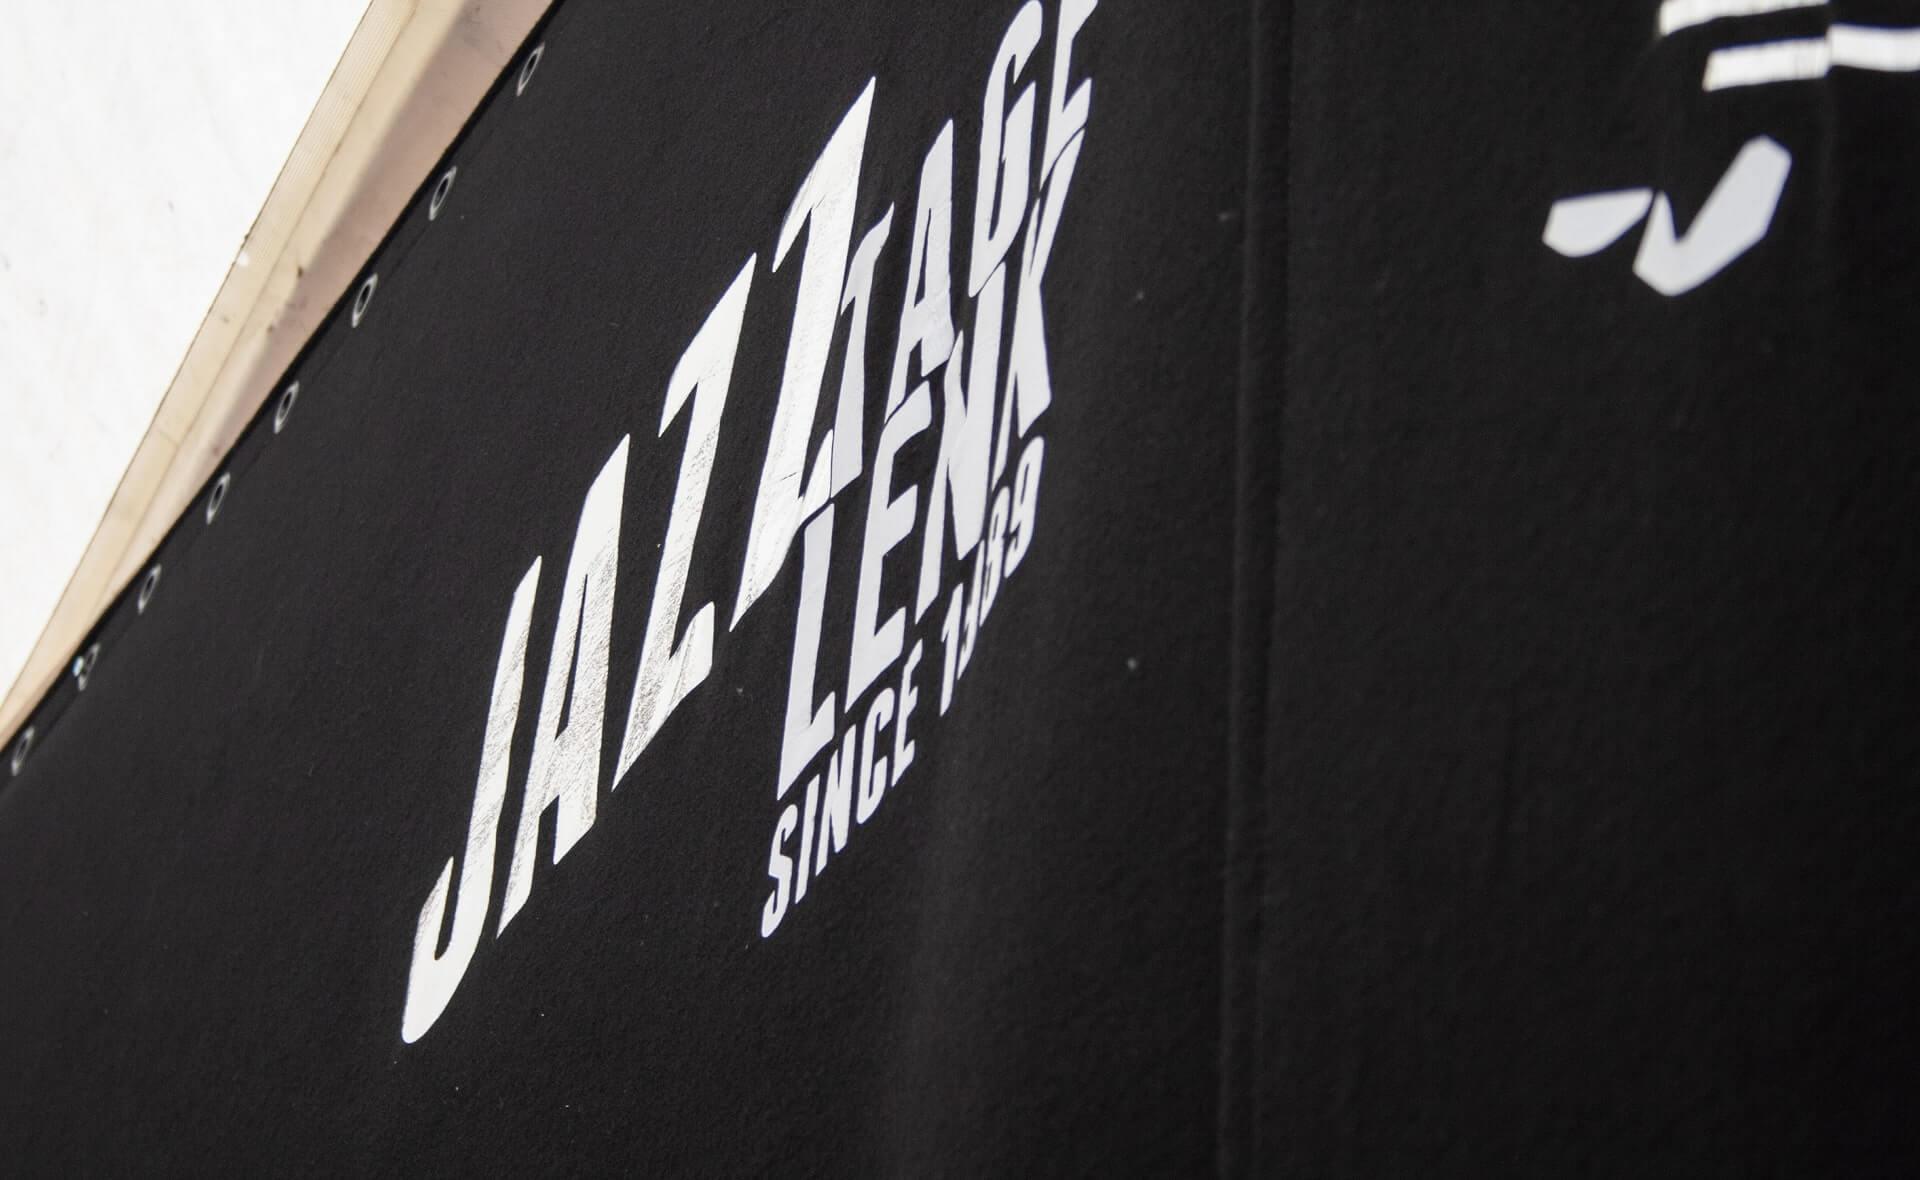 jazztage lenk logo